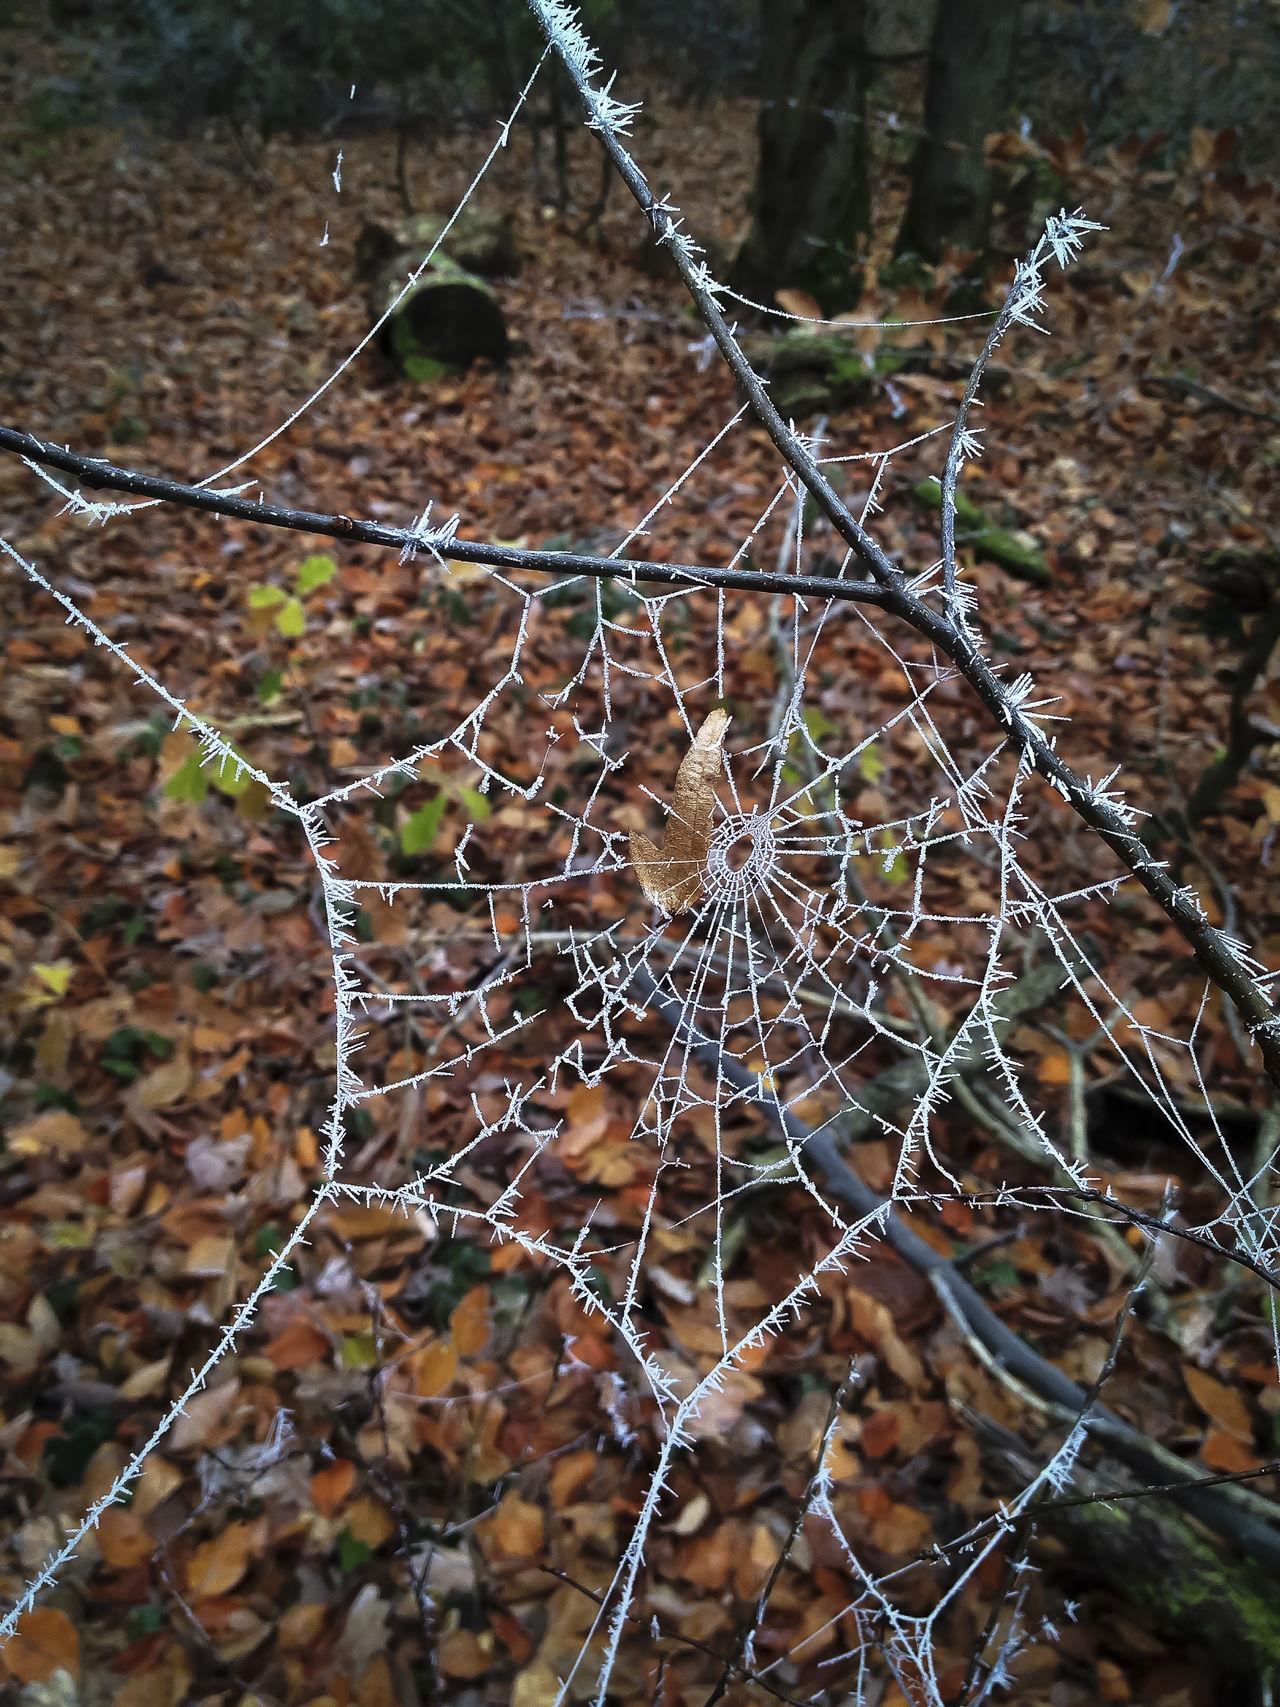 Bosque Eis Forest Hielo Ice Spider Web Spinnennetz Tela De Araña Telaraña Wald